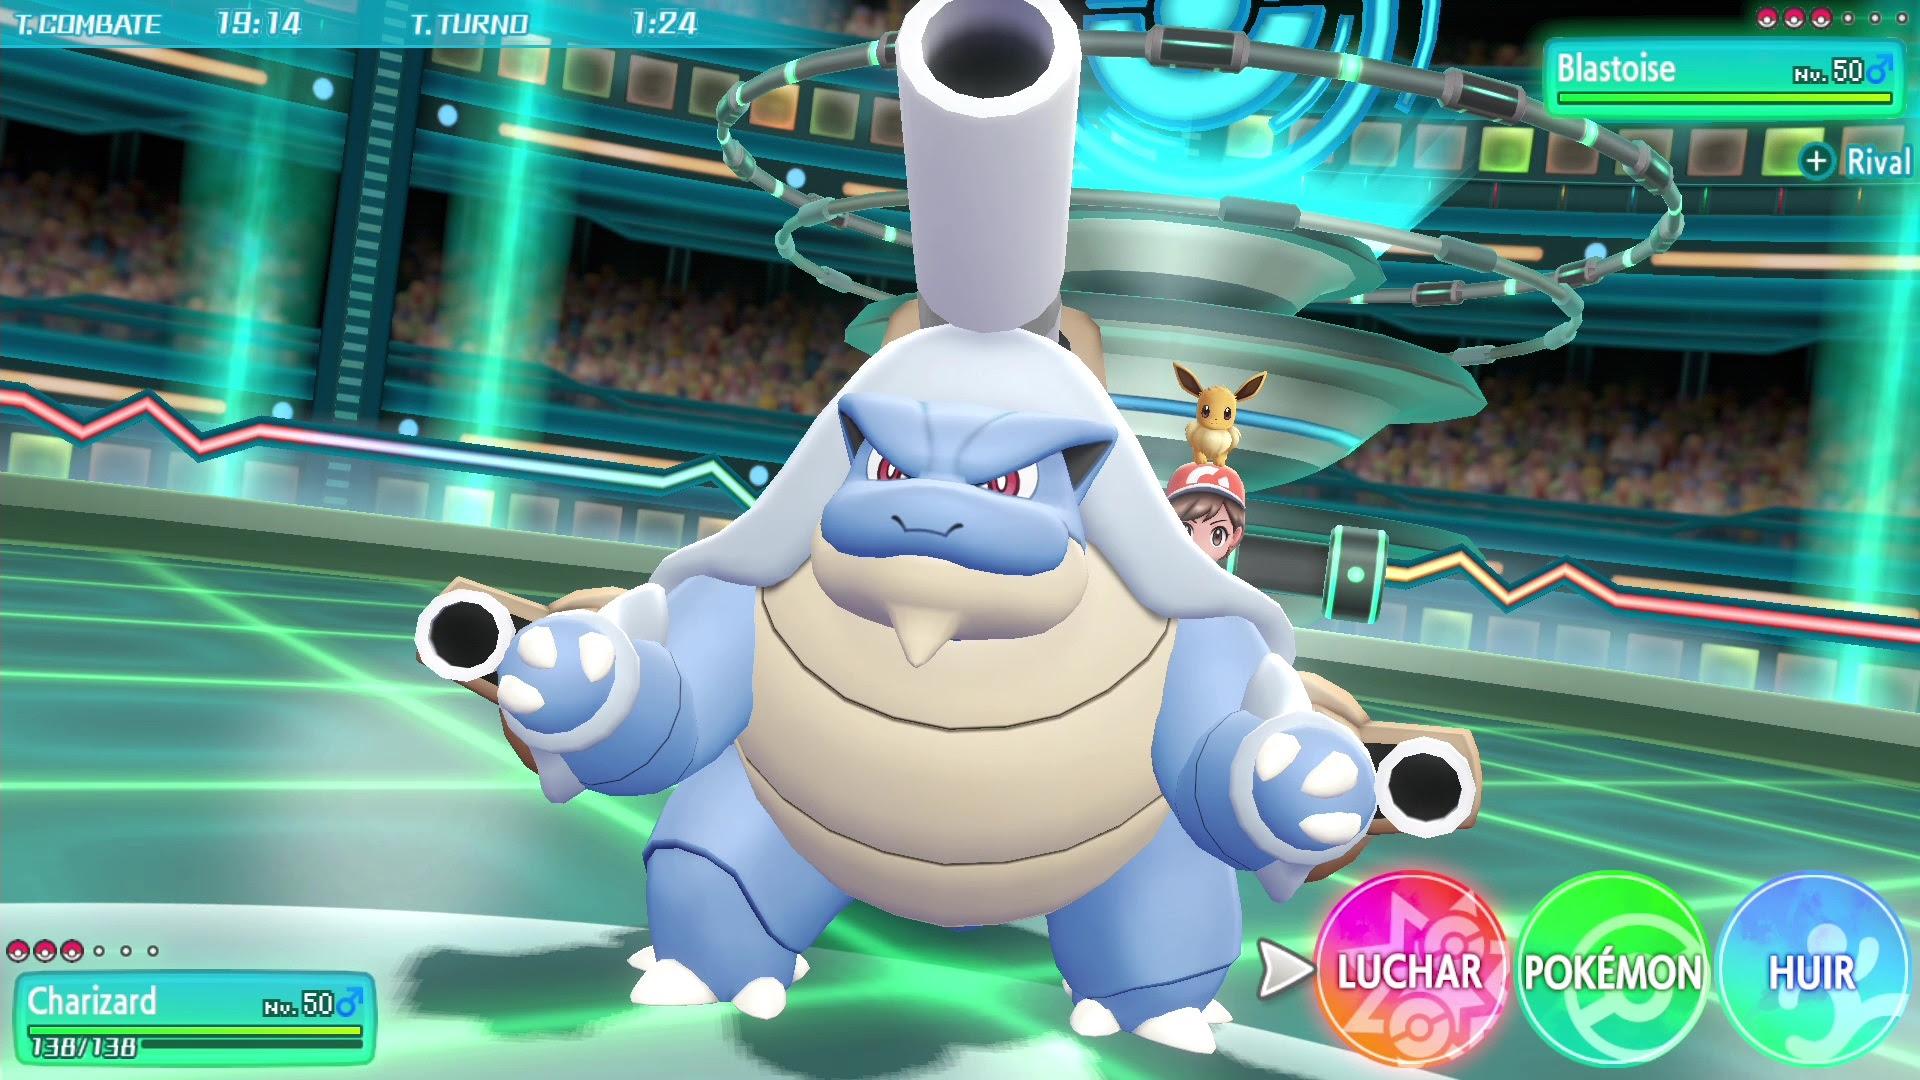 NP: Desvelada la megaevolución y mucho más en el último anuncio de Pokémon: Let's Go, Pikachu! y Pokémon: Let's Go, Eevee!